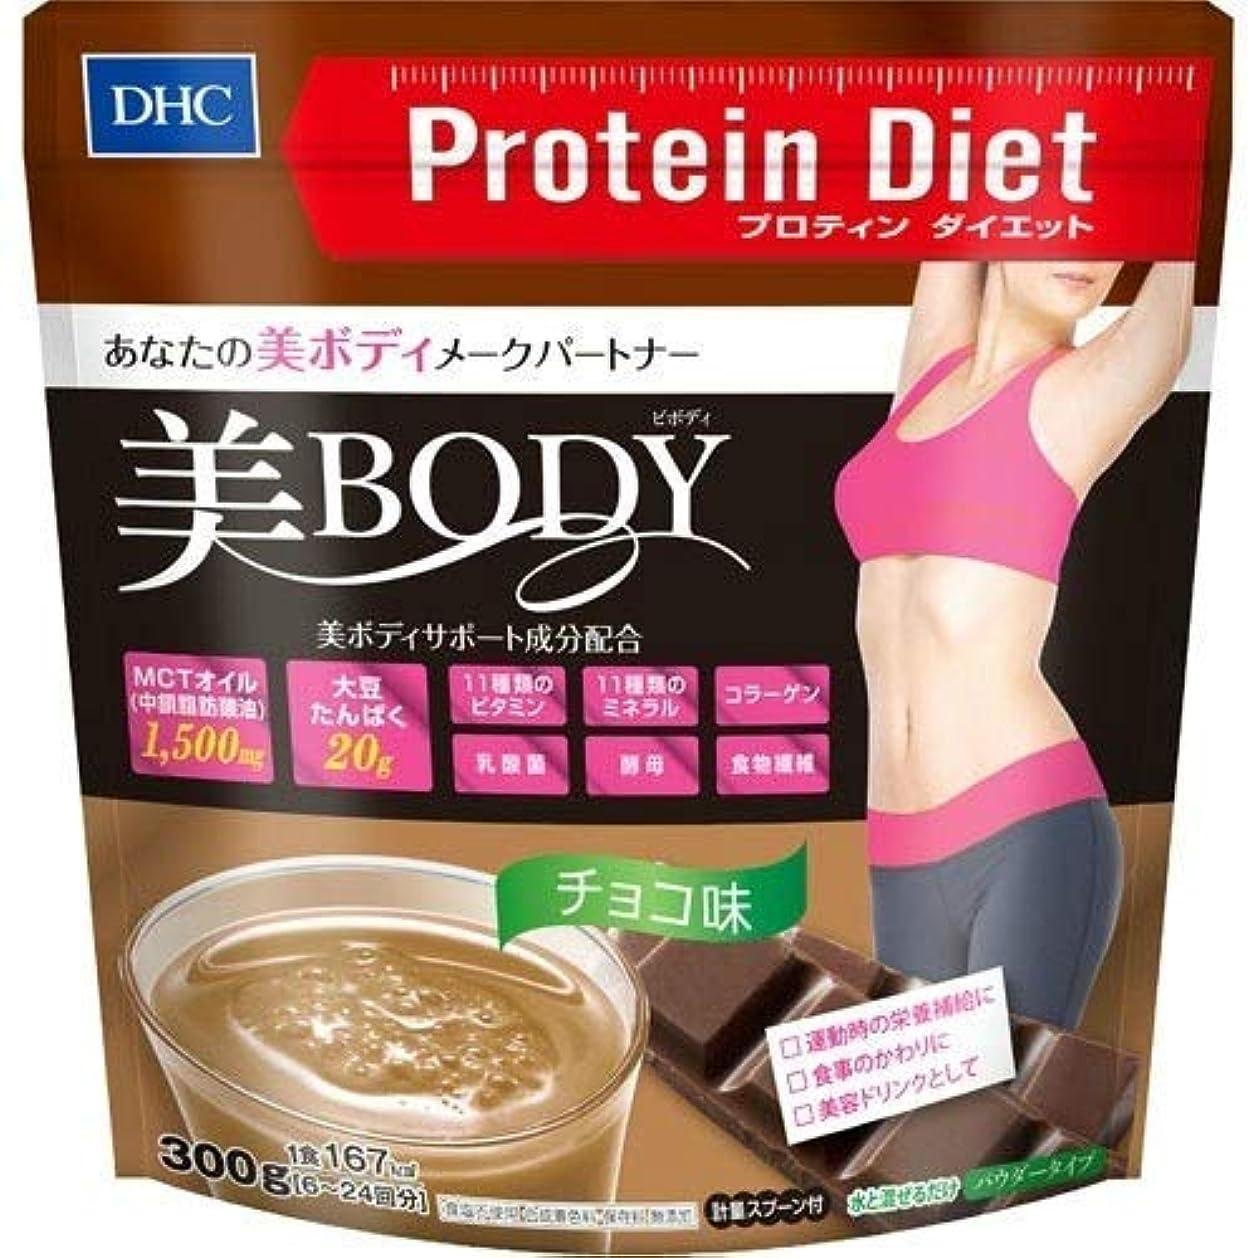 幸運クラック破滅的なDHC プロテインダイエット 美Body チョコ味 300g × 3個セット